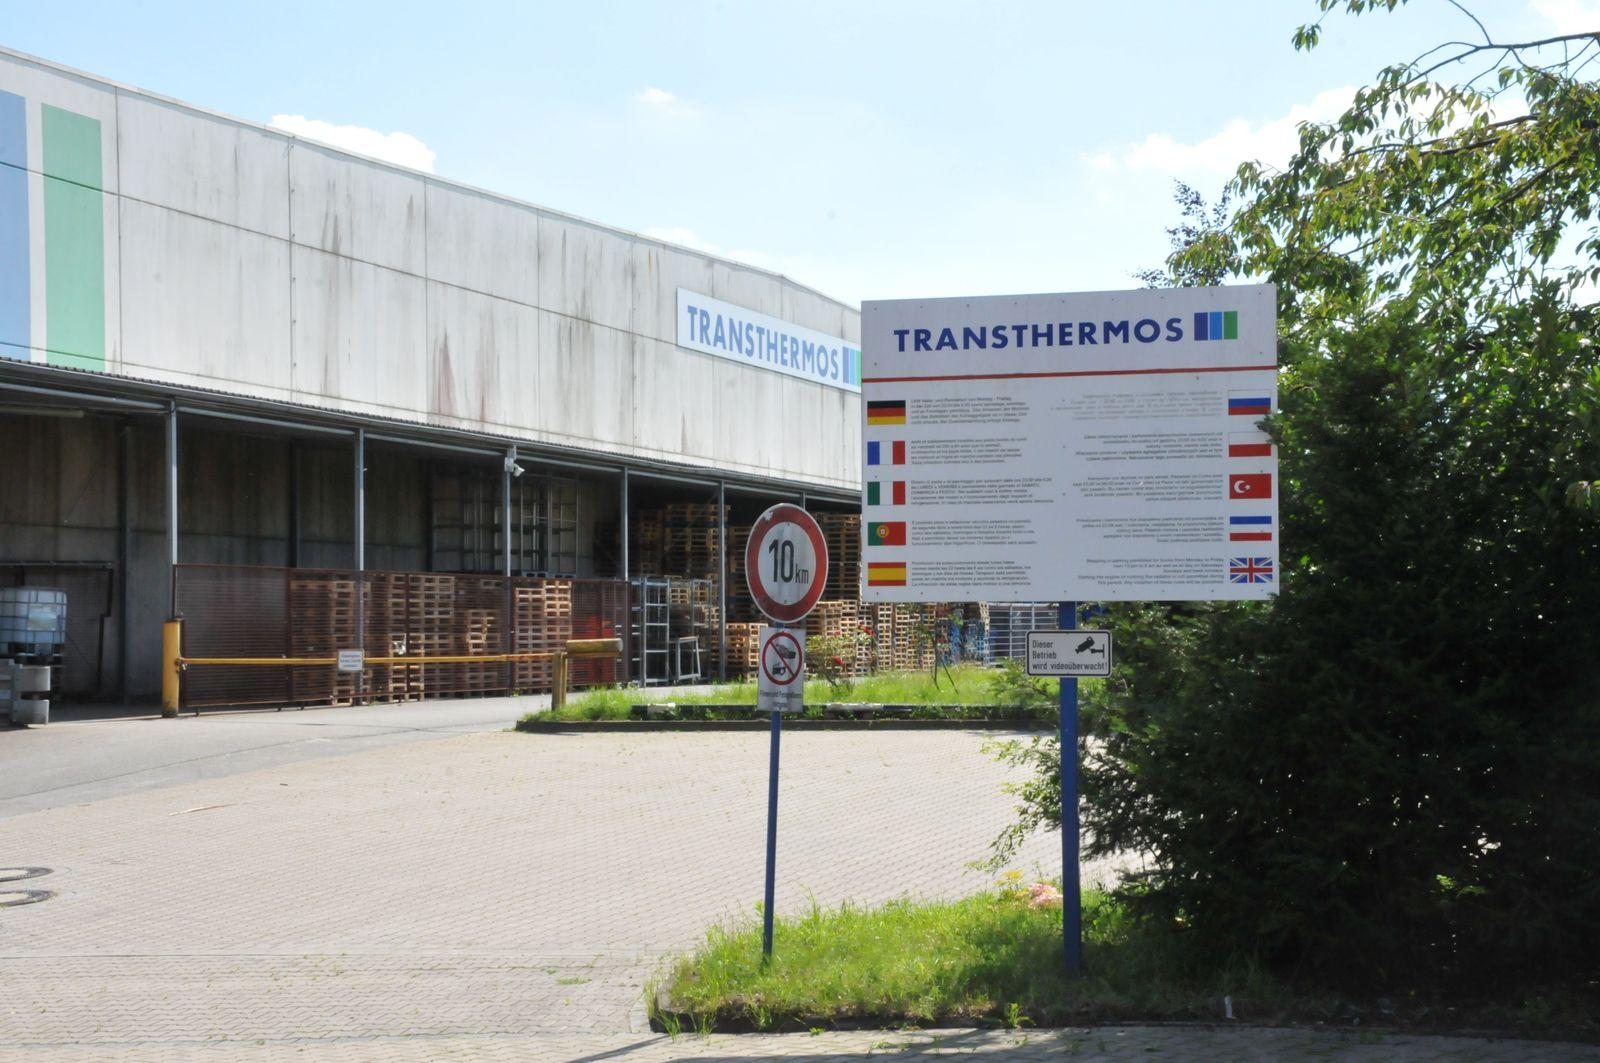 Transthermos